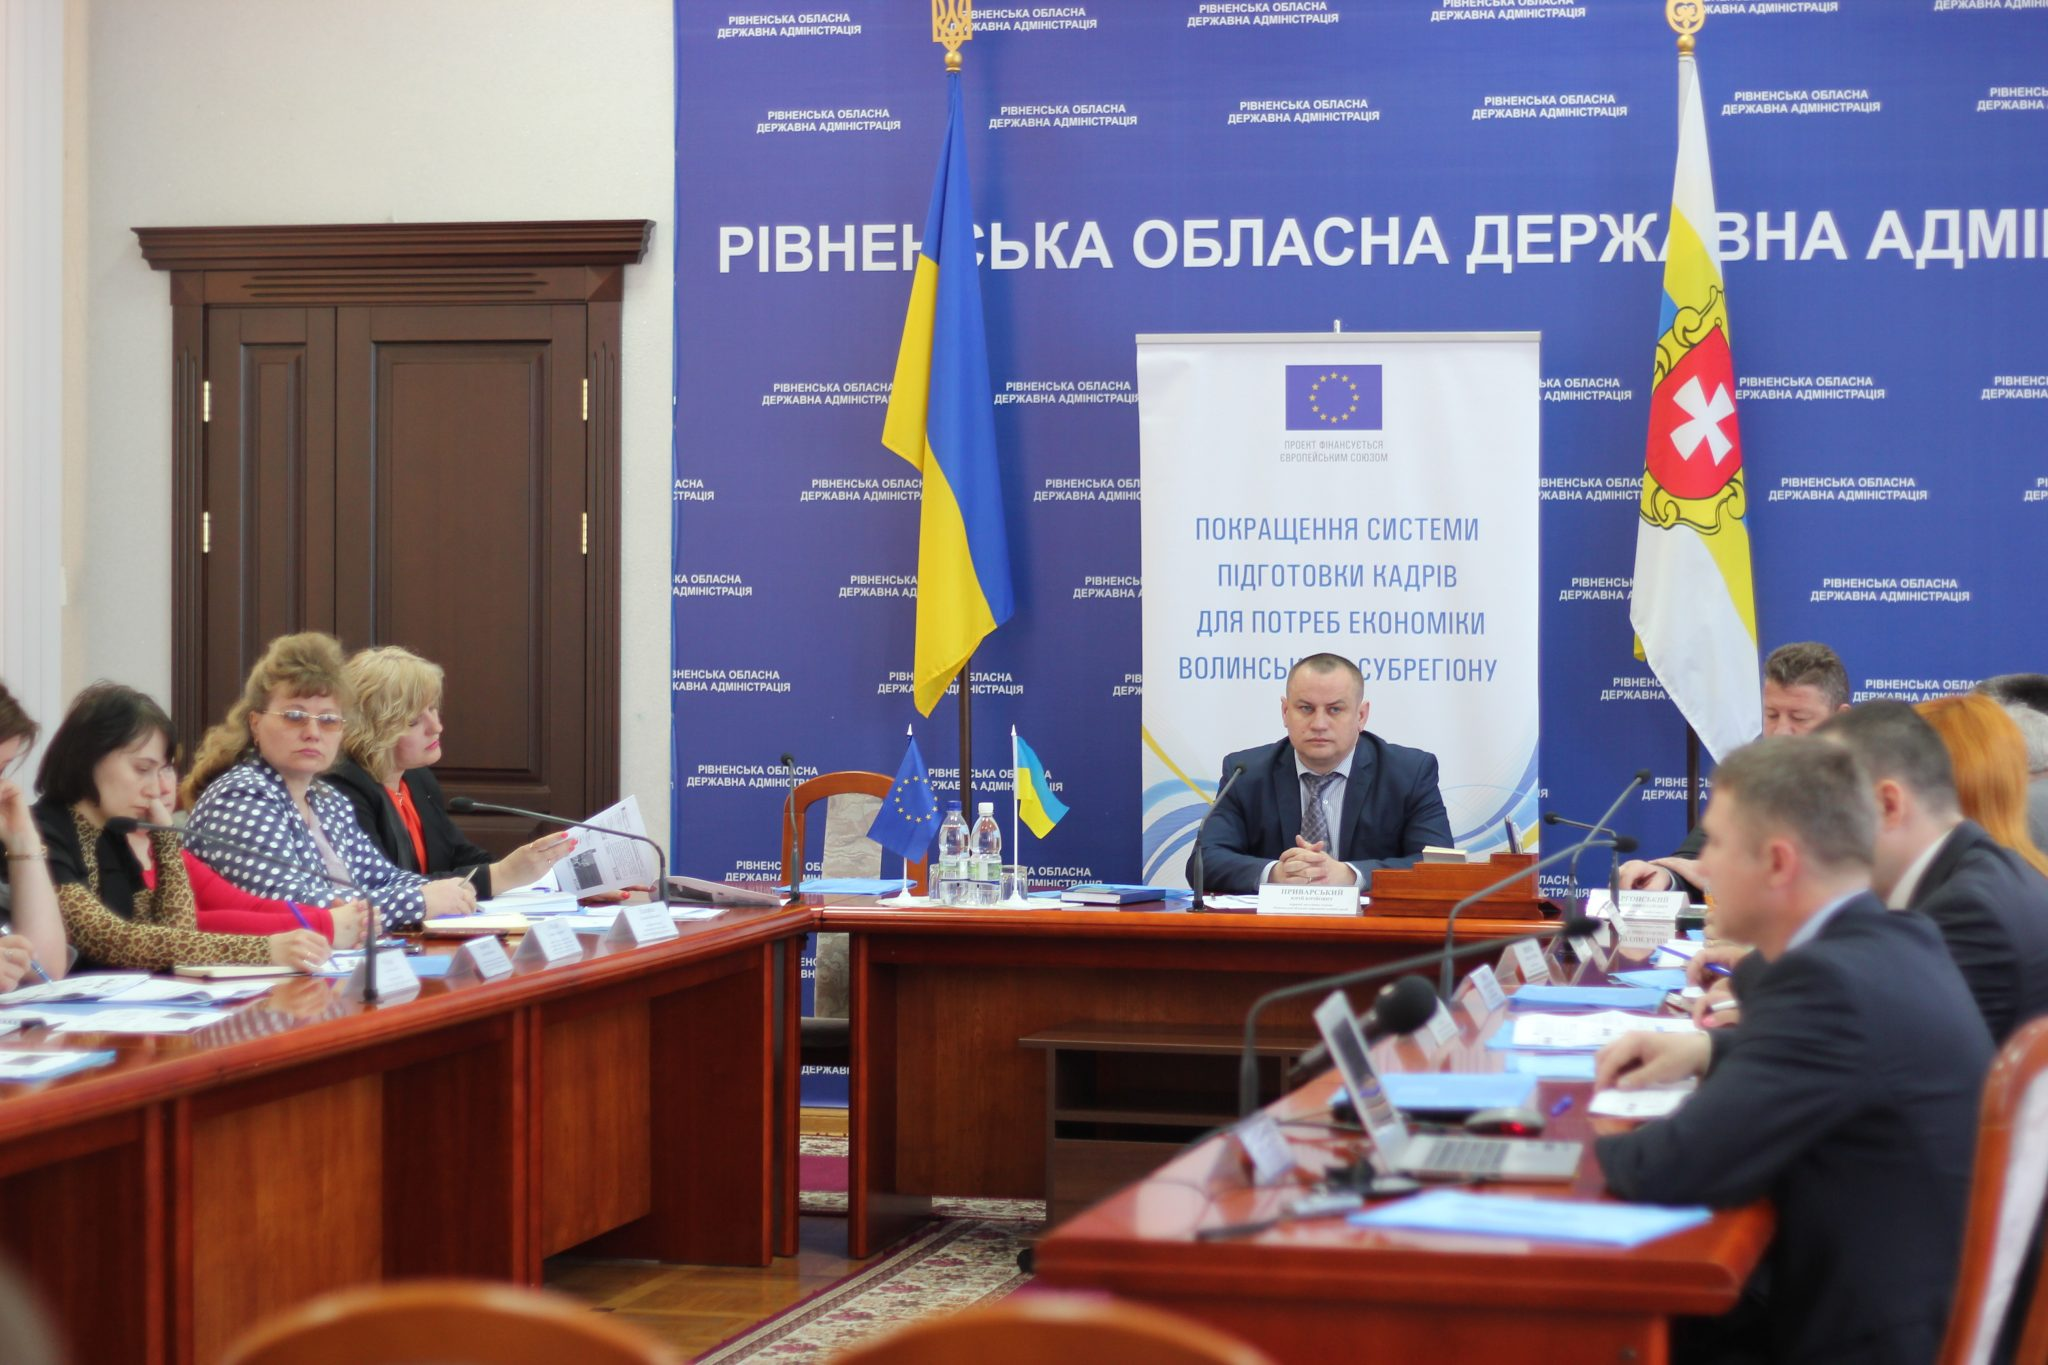 Європейський союз допоможе покращити стан ринку праці  Волинського субрегіону